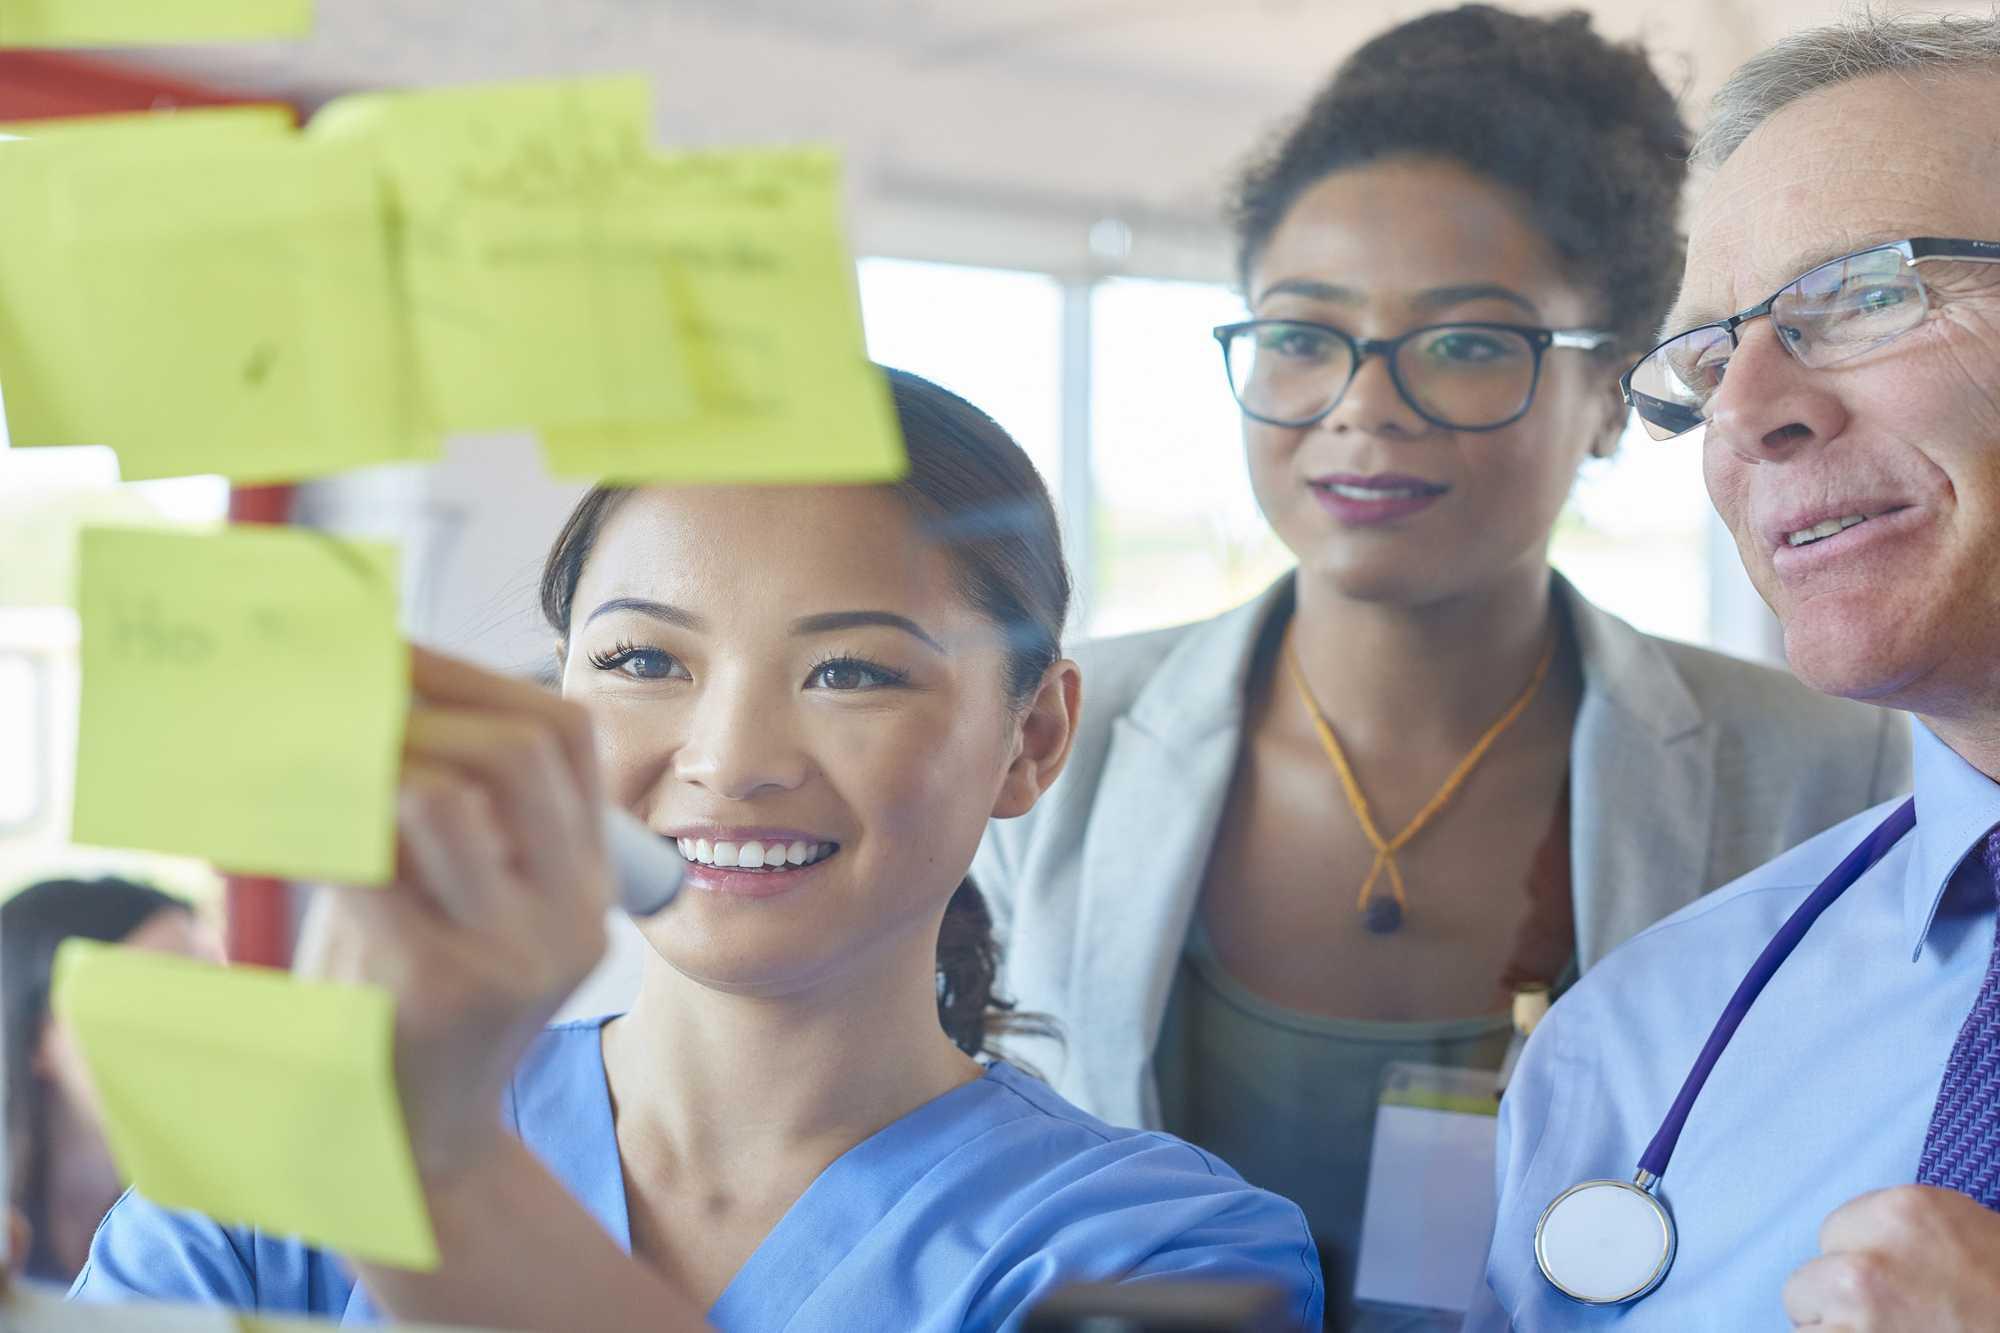 Qual é a importância do design thinking na gestão da saúde?